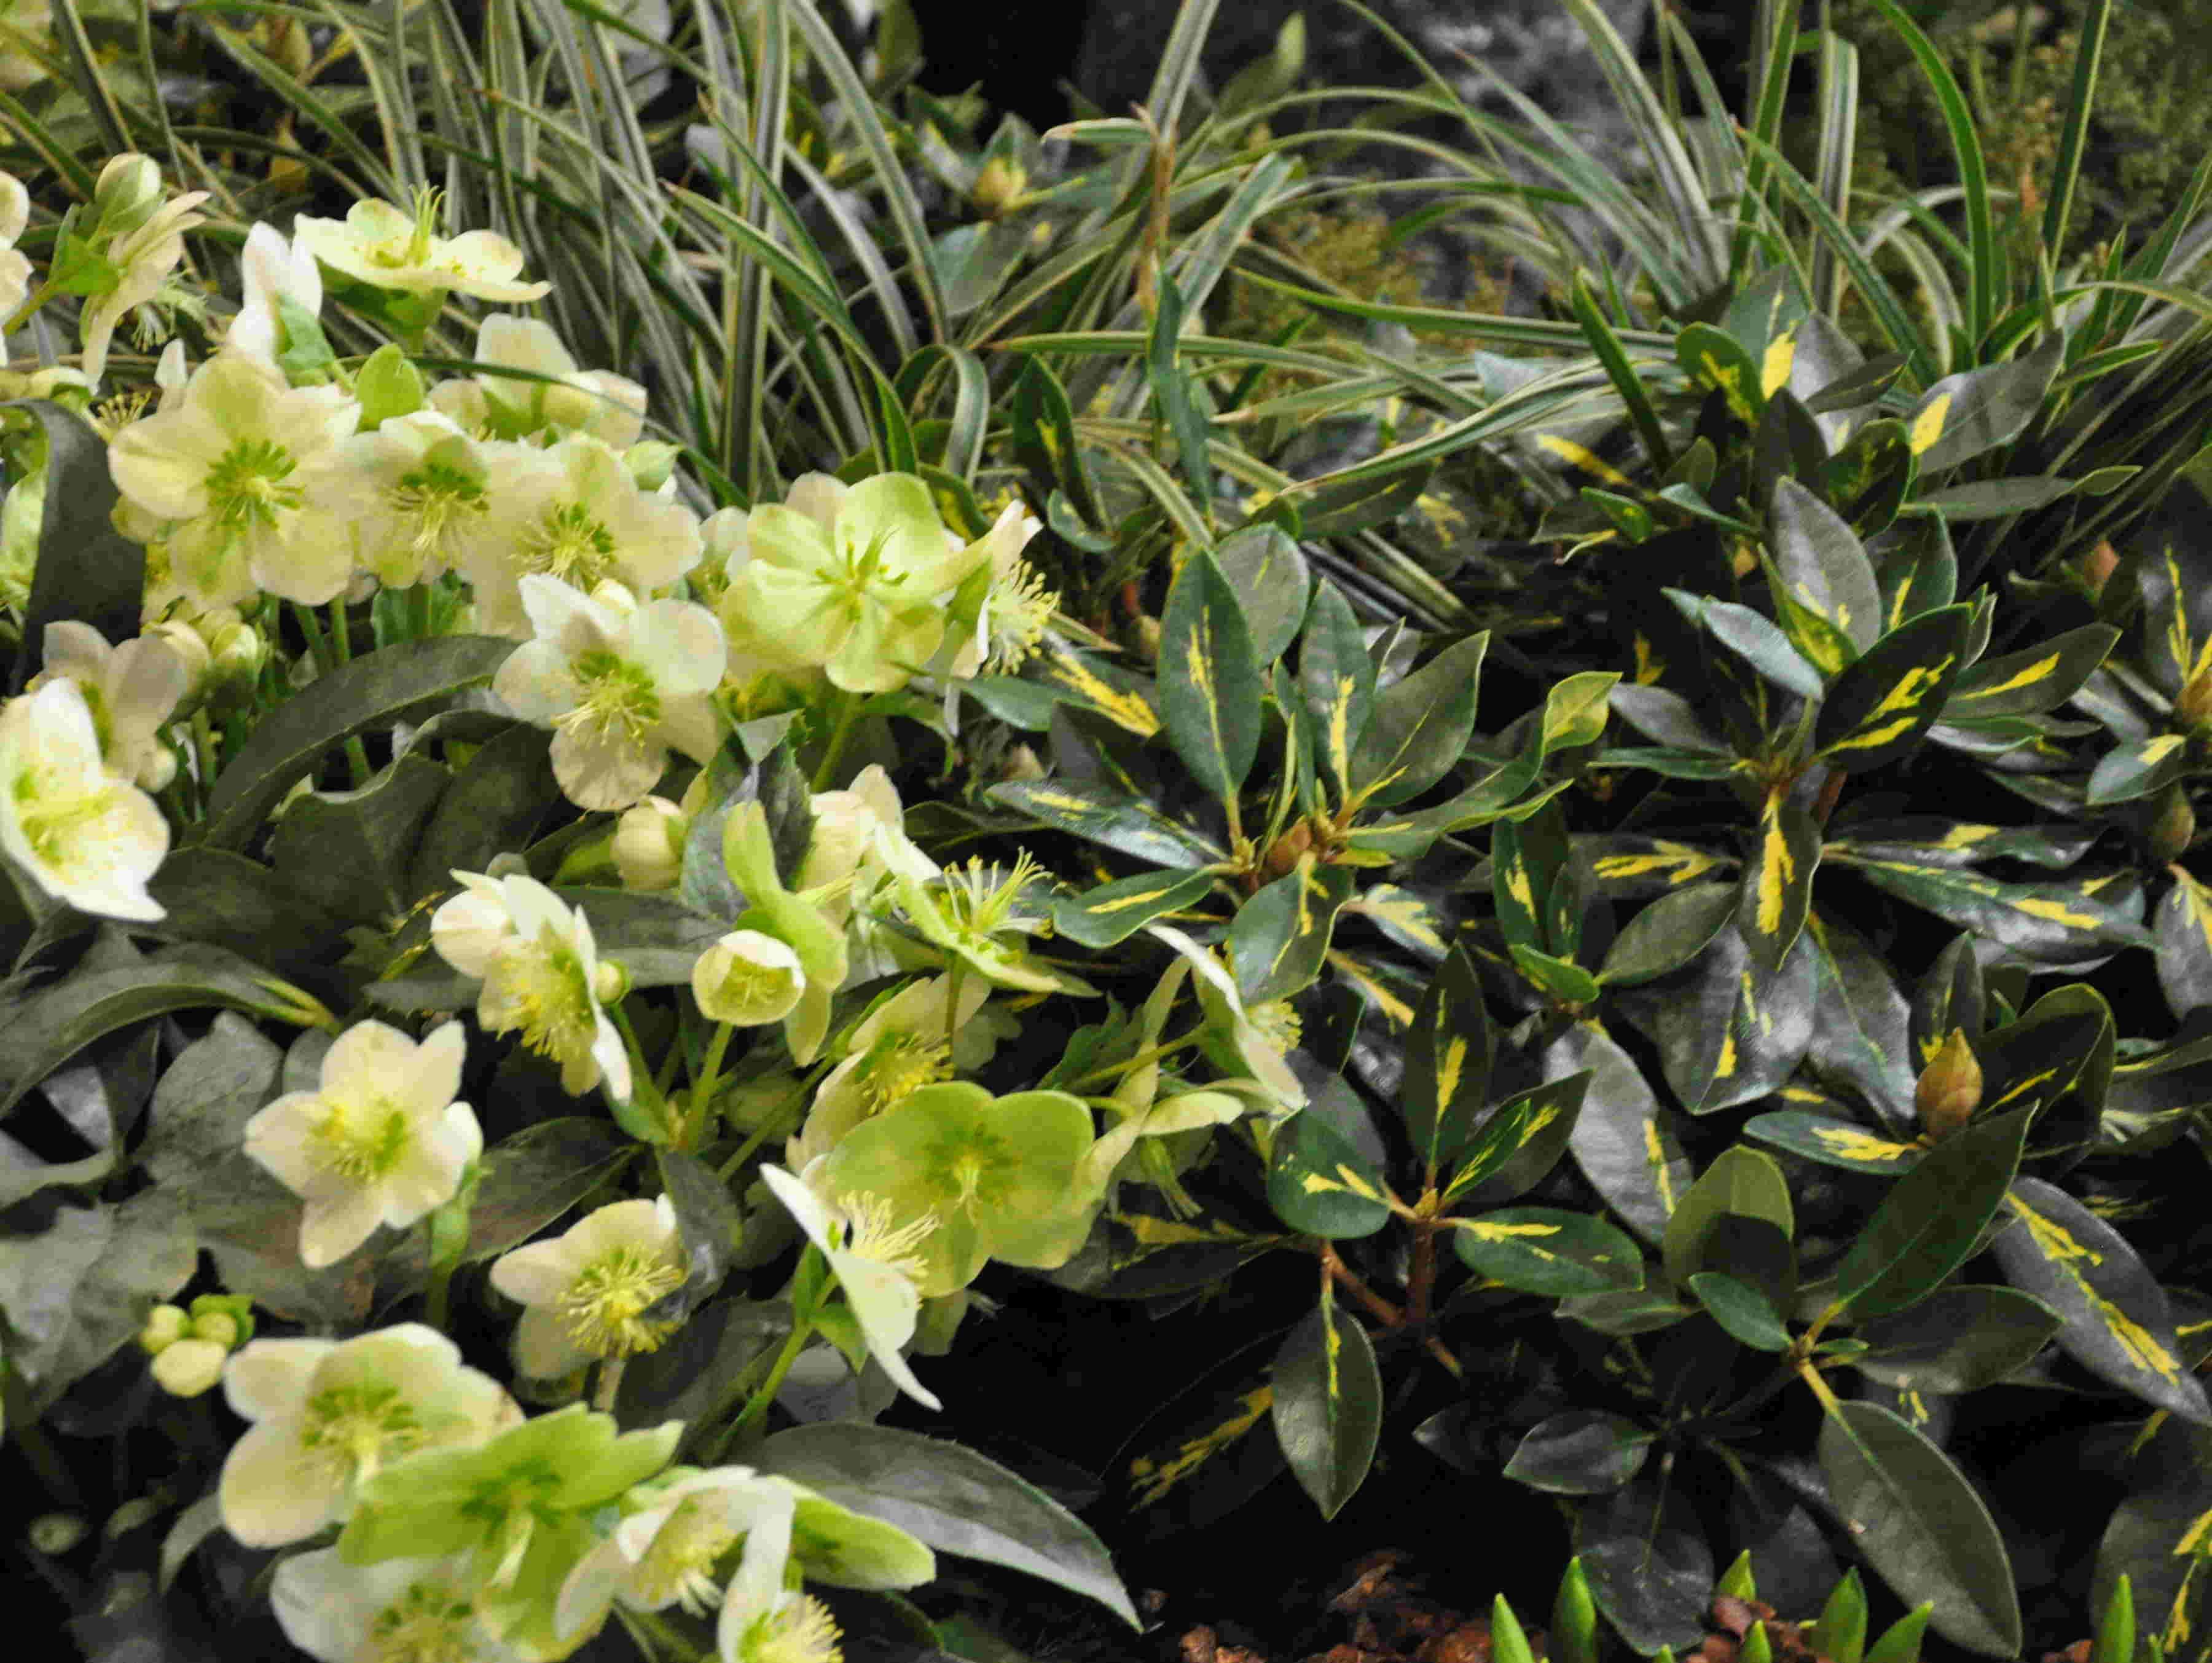 Brokbladig rhododendron lyser upp i mörka hörn.